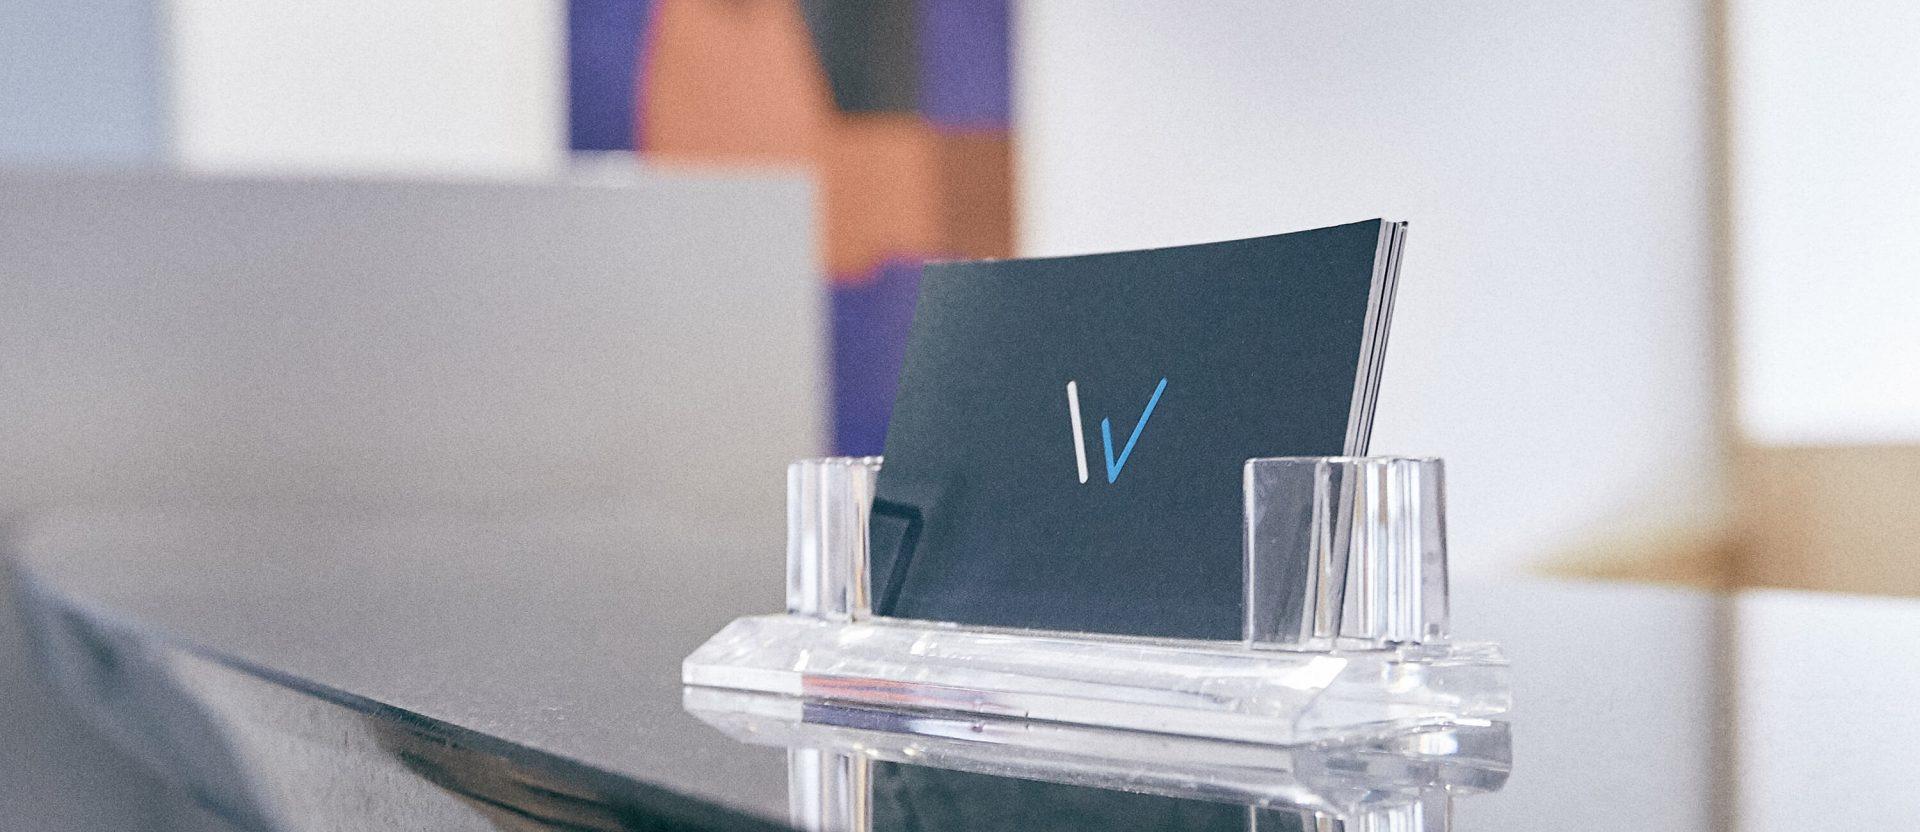 Visitenkarten der Steuerberater Wedemeier auf einem Schreibtisch